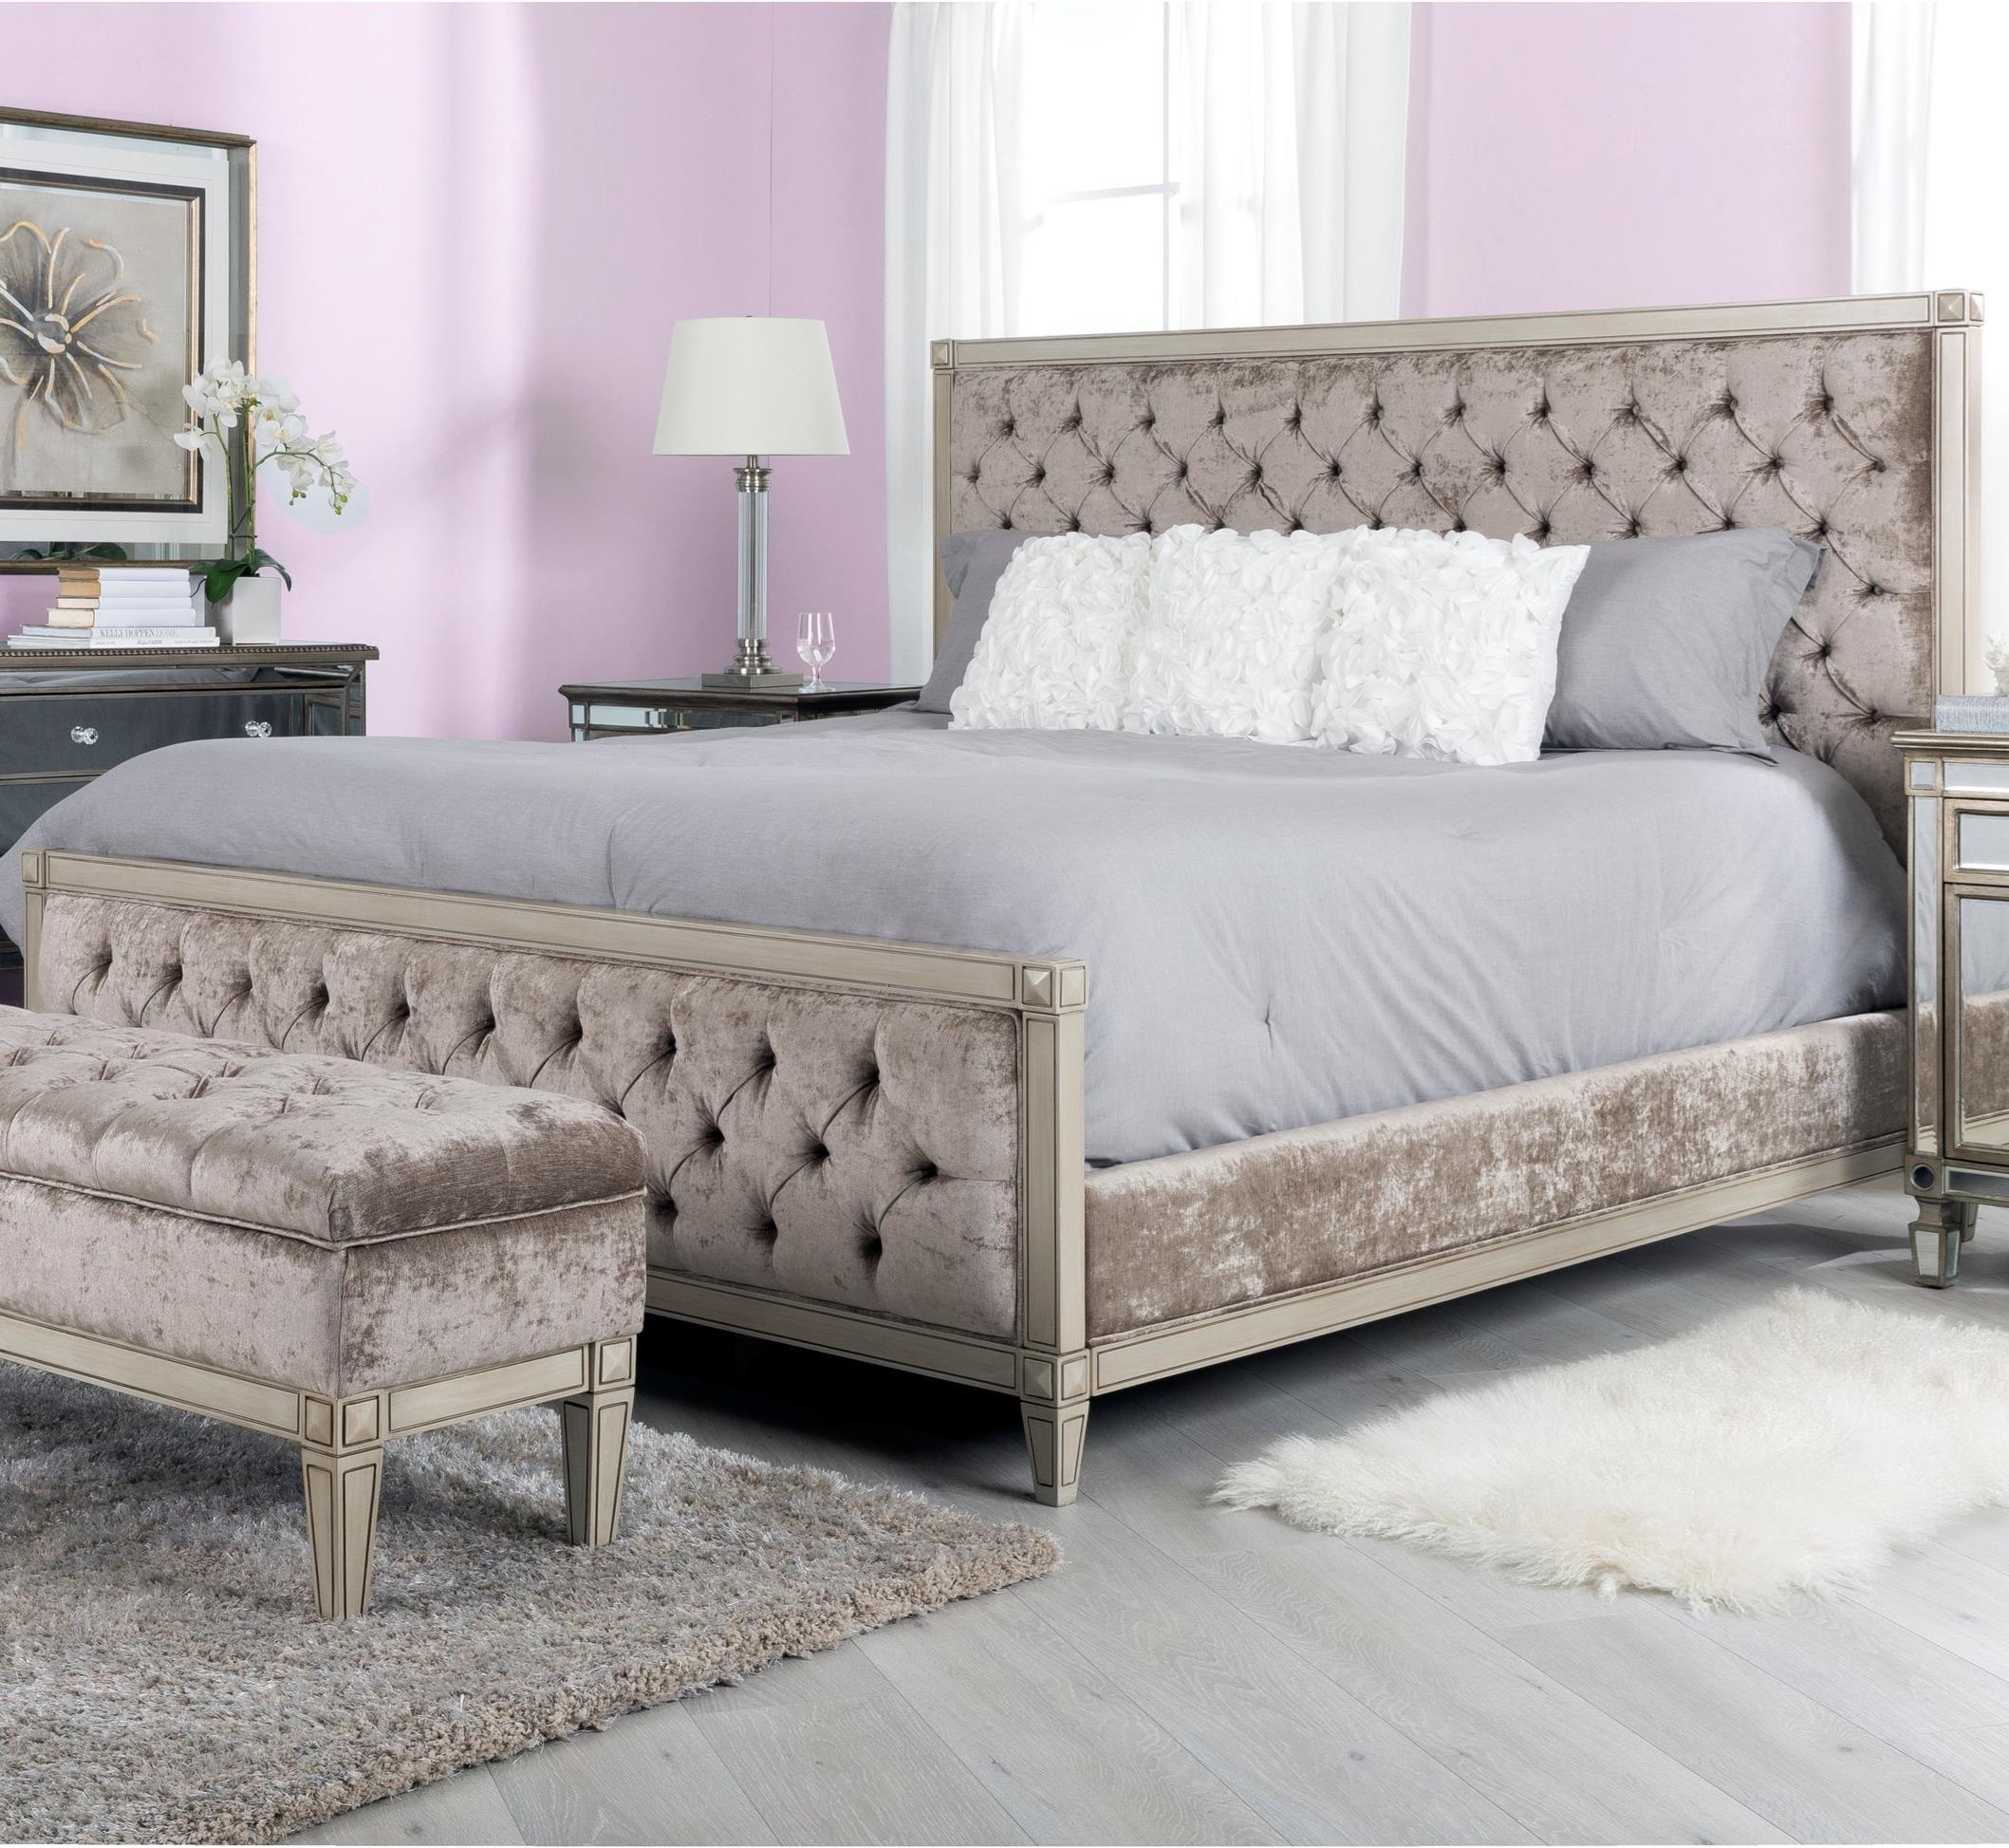 Decor-Rest Angelina King Upholstered Bed - Item Number: HBF236K